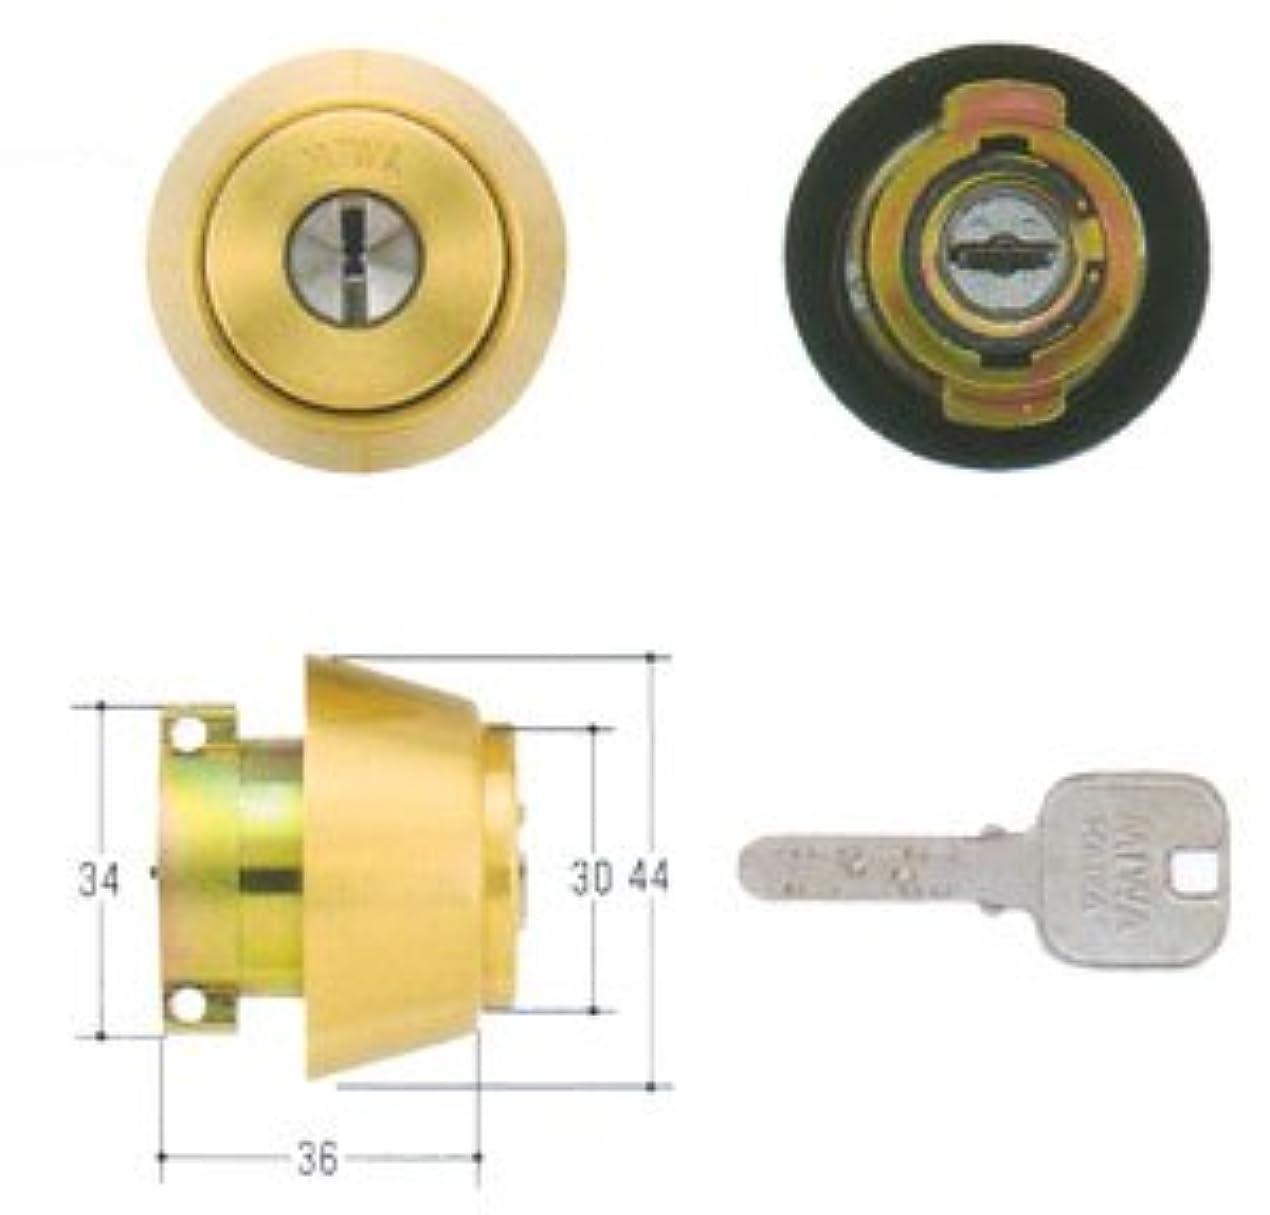 タイト民族主義ポンドMIWA(美和ロック) JNシリンダー LAタイプ 鍵 交換 取替え MCY-183 MIWA KABA LA/LAMA/DAゴールド色(BS)33~41mm